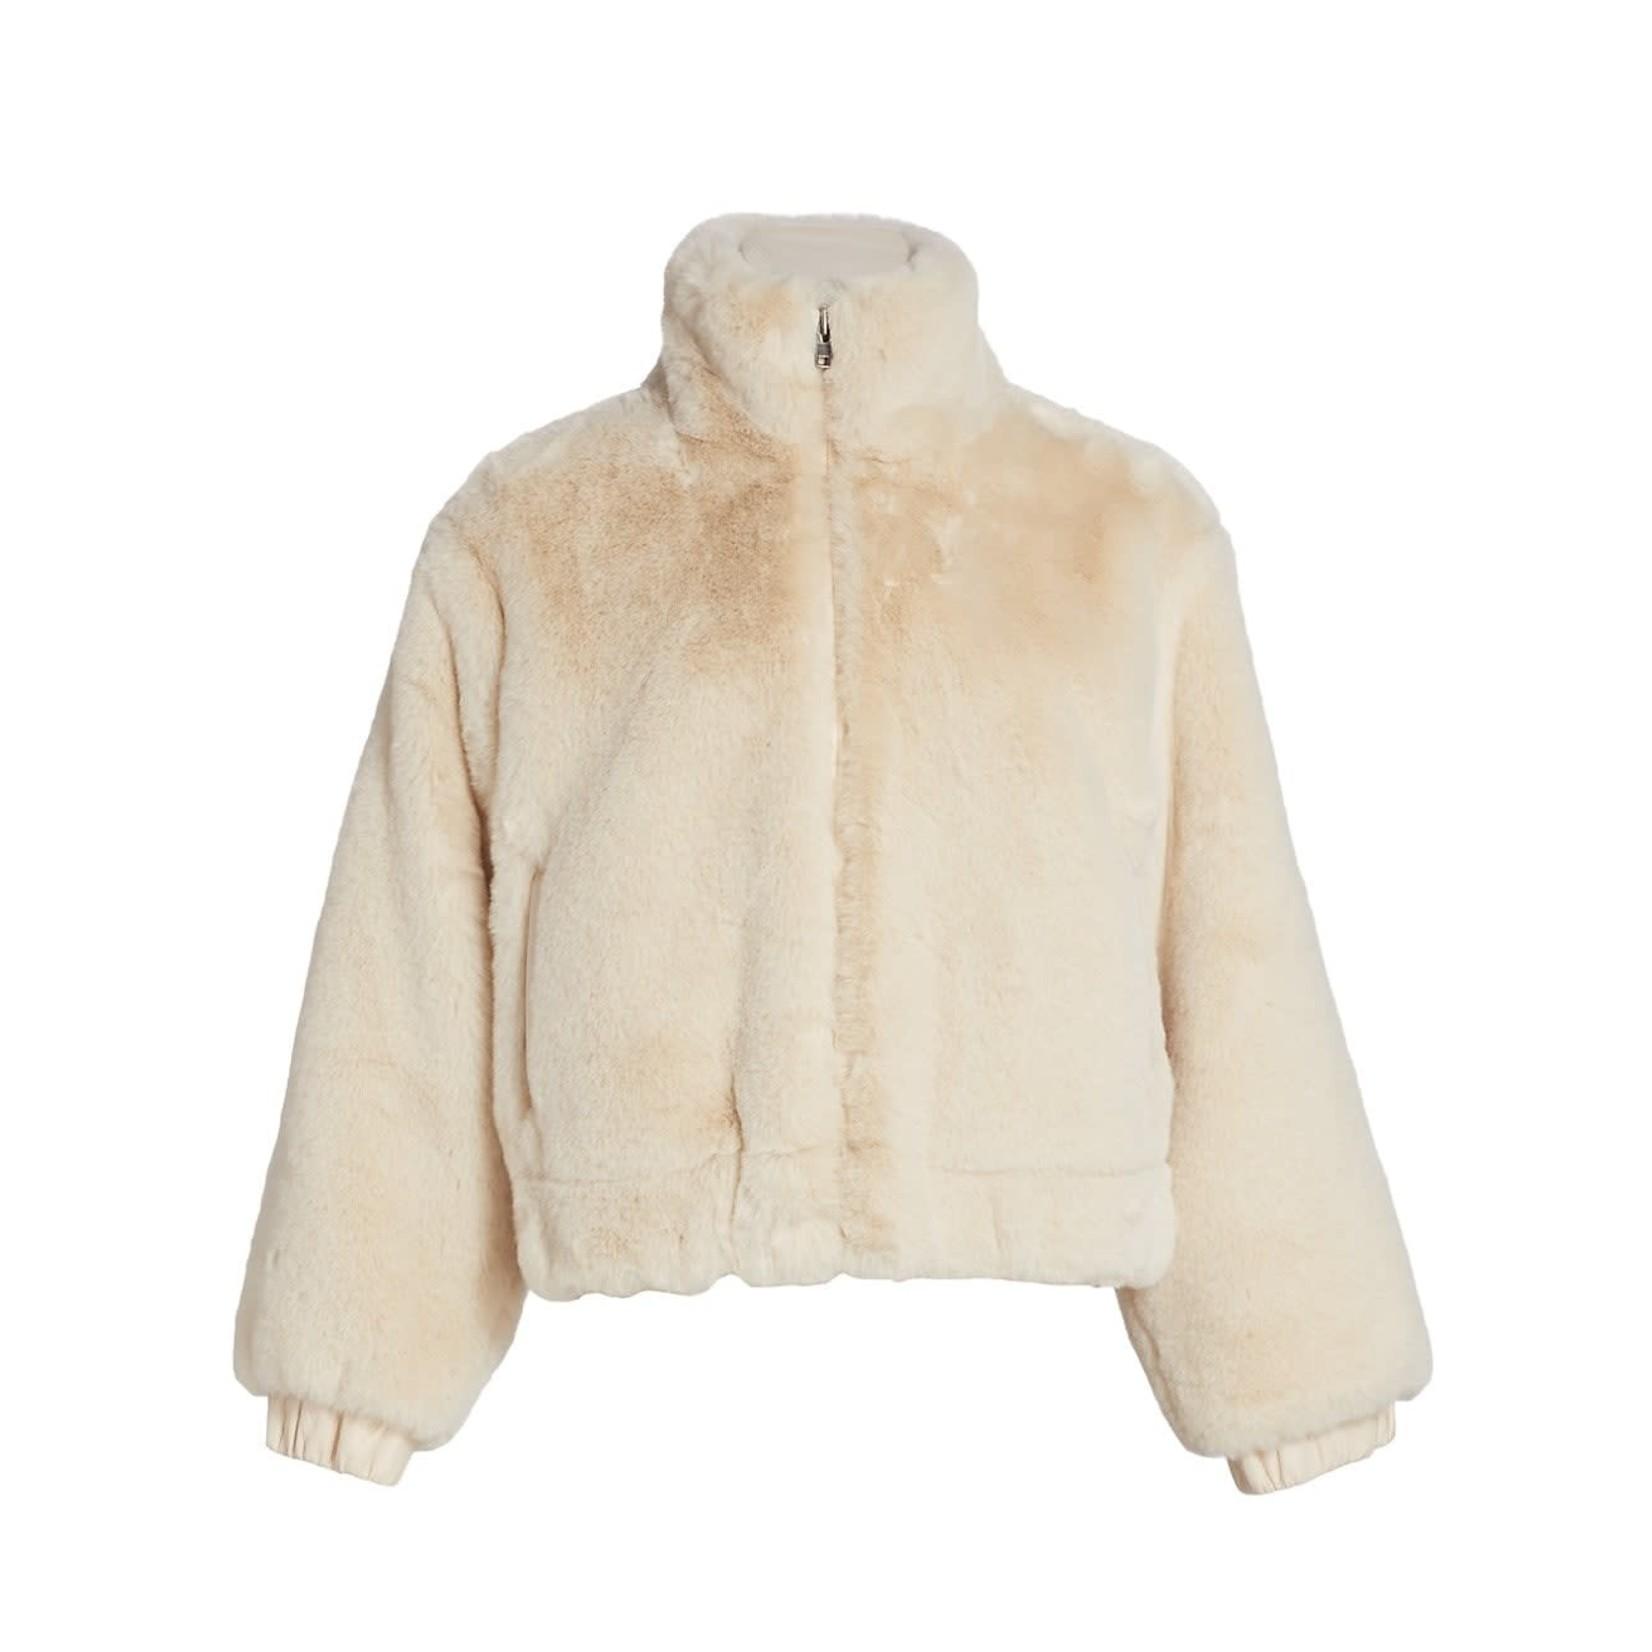 DH New York Eden Jacket